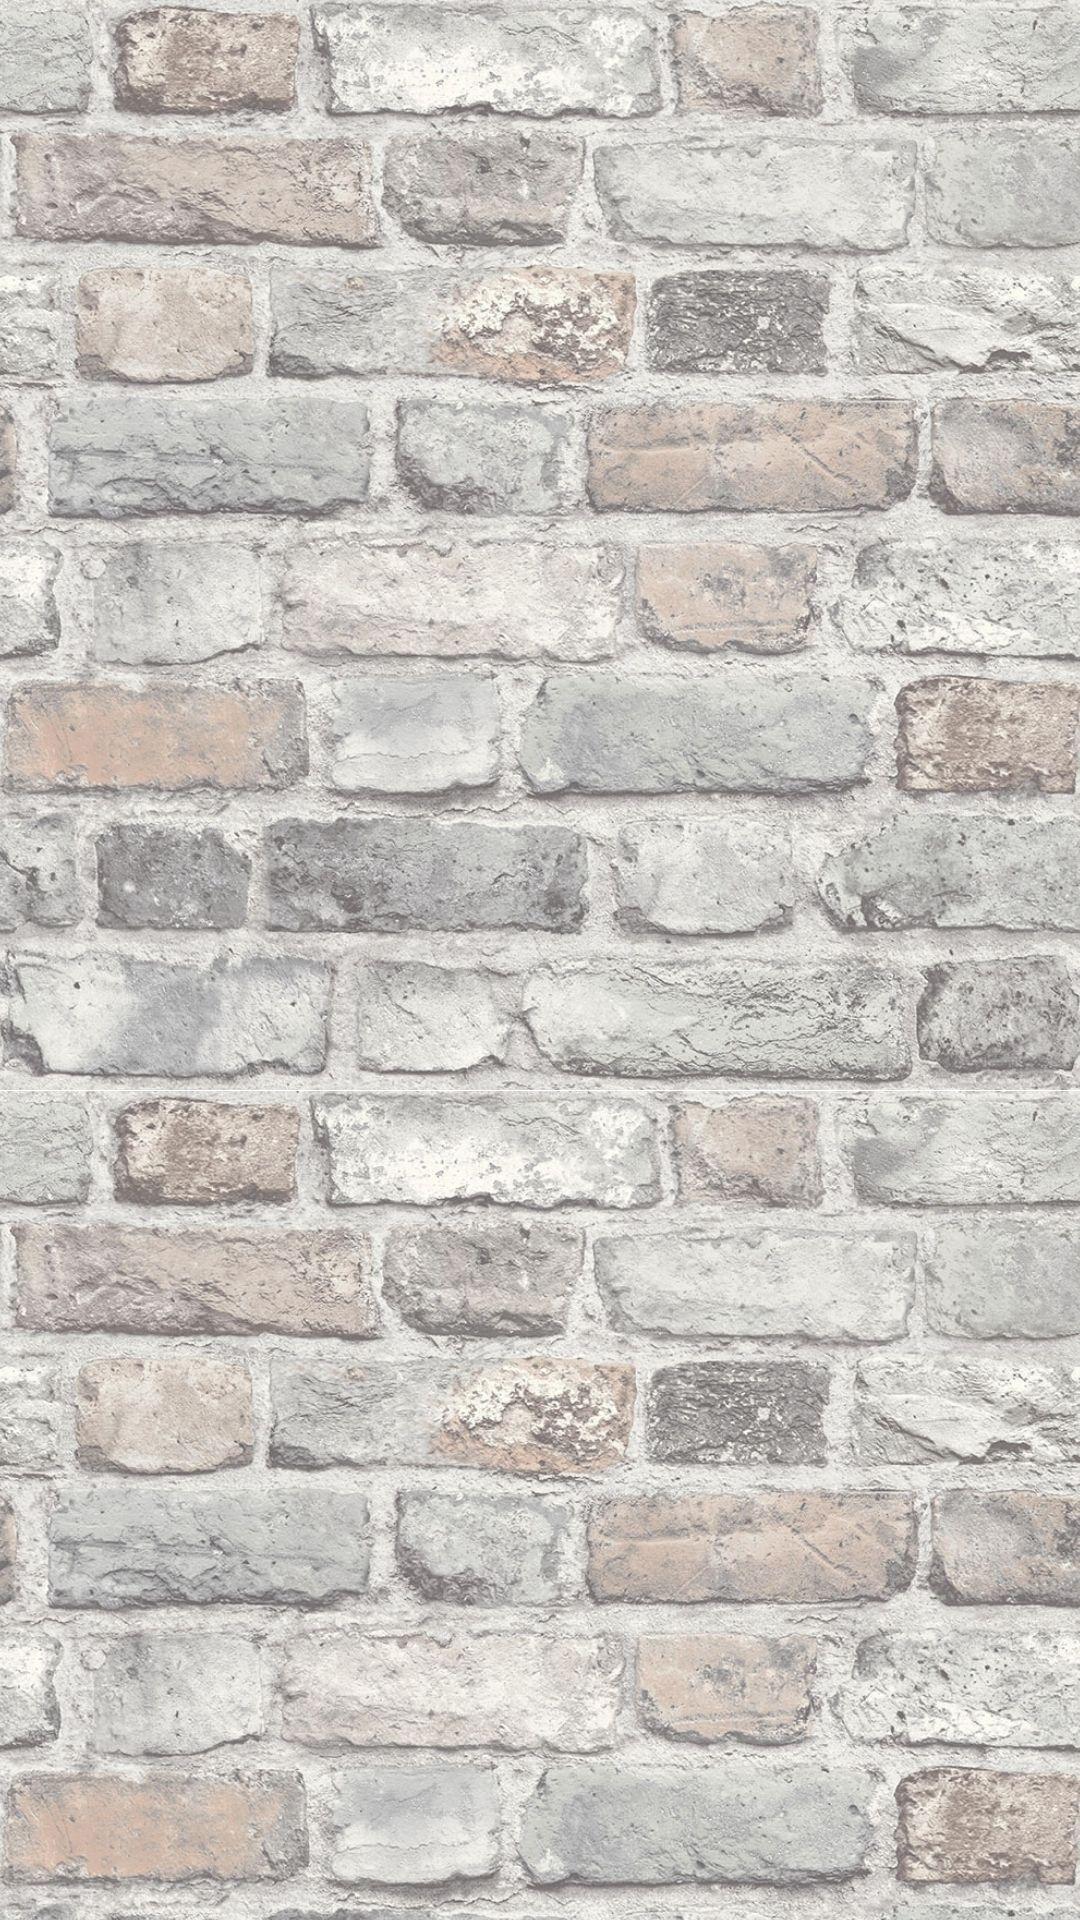 Battersea Brick Wall Effect Wallpaper Pastel Brick Wallpaper Bedroom Brick Wallpaper Wallpaper Bedroom